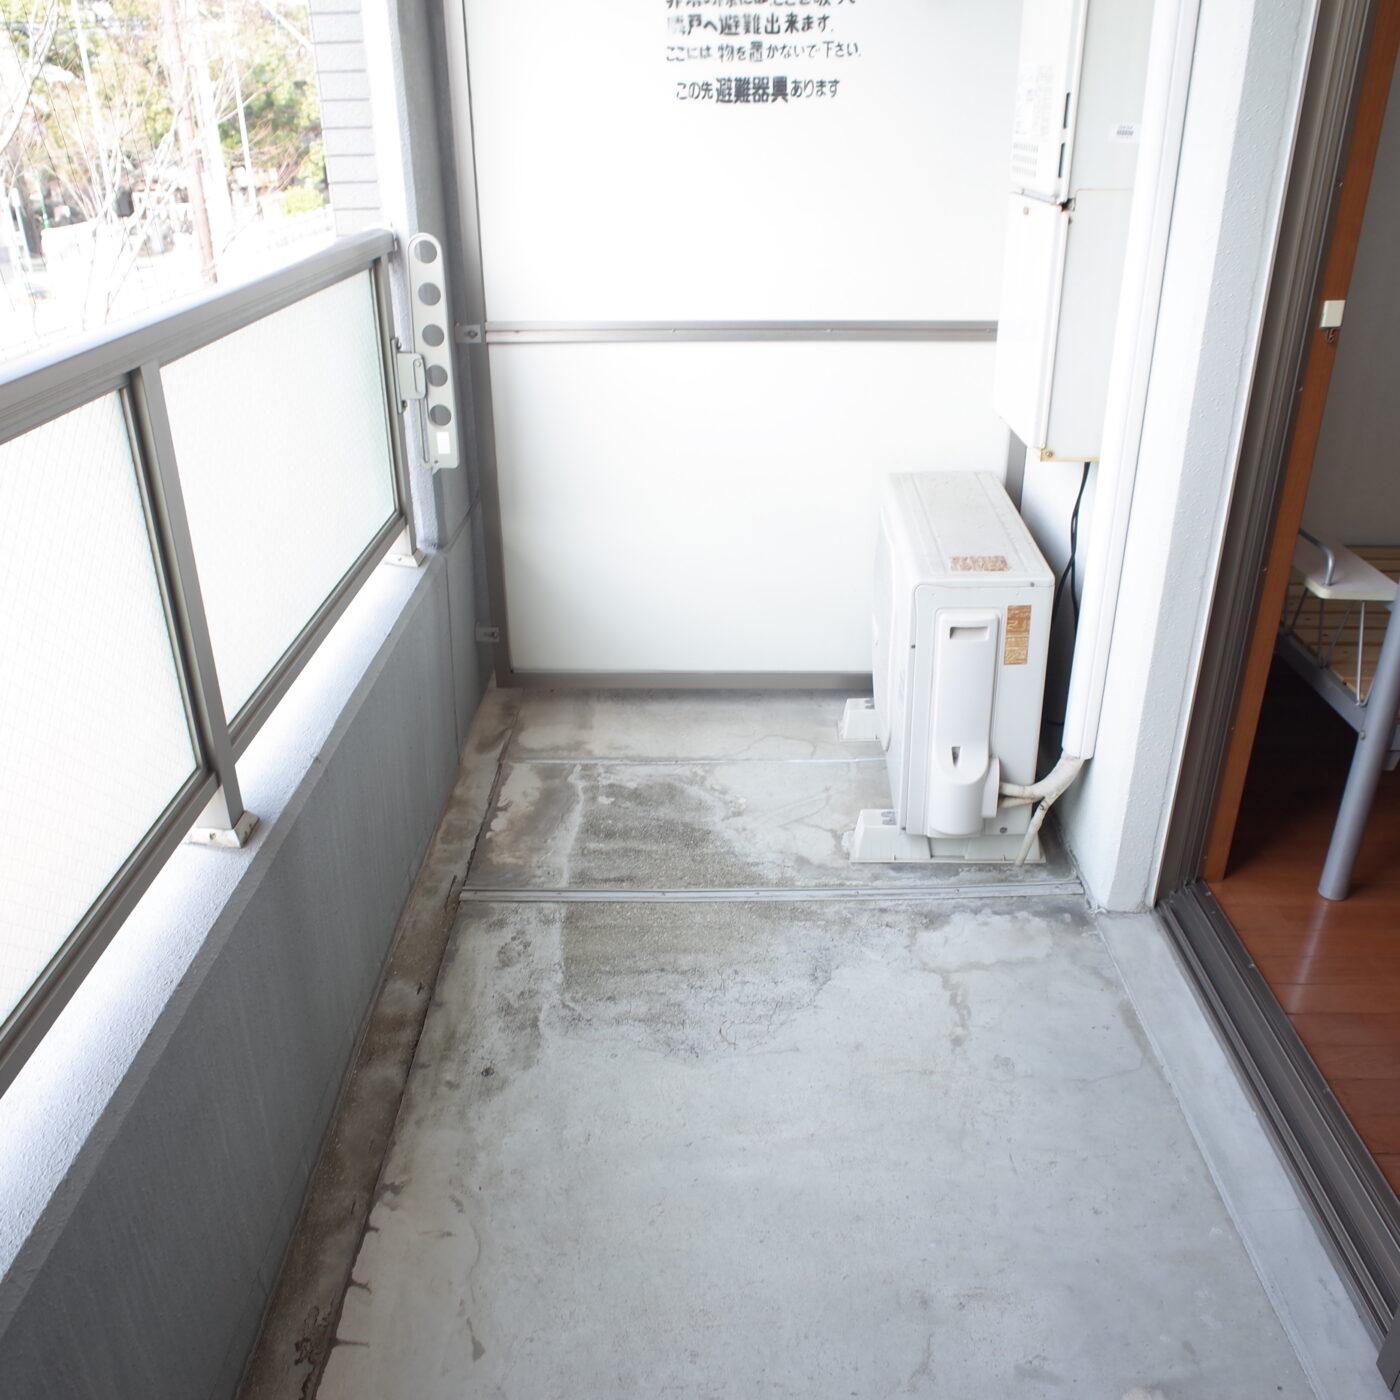 九州大学 学生専用 賃貸 マンション メゾン・トルテット 内観